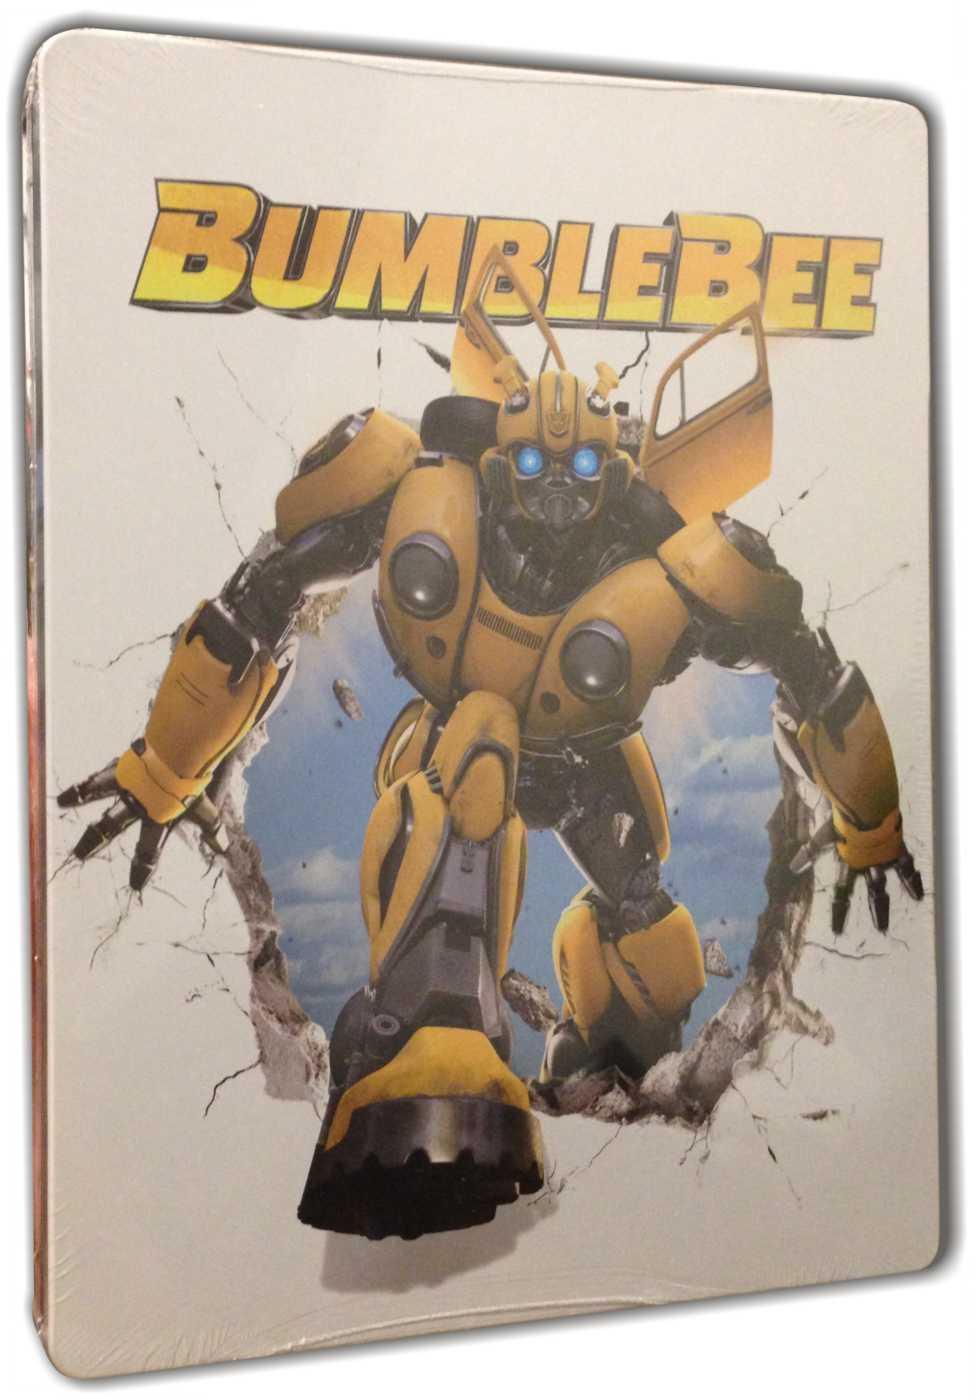 Bumblebee (4K Ultra HD) - UHD Blu-ray + Blu-ray (2 BD) Steelbook